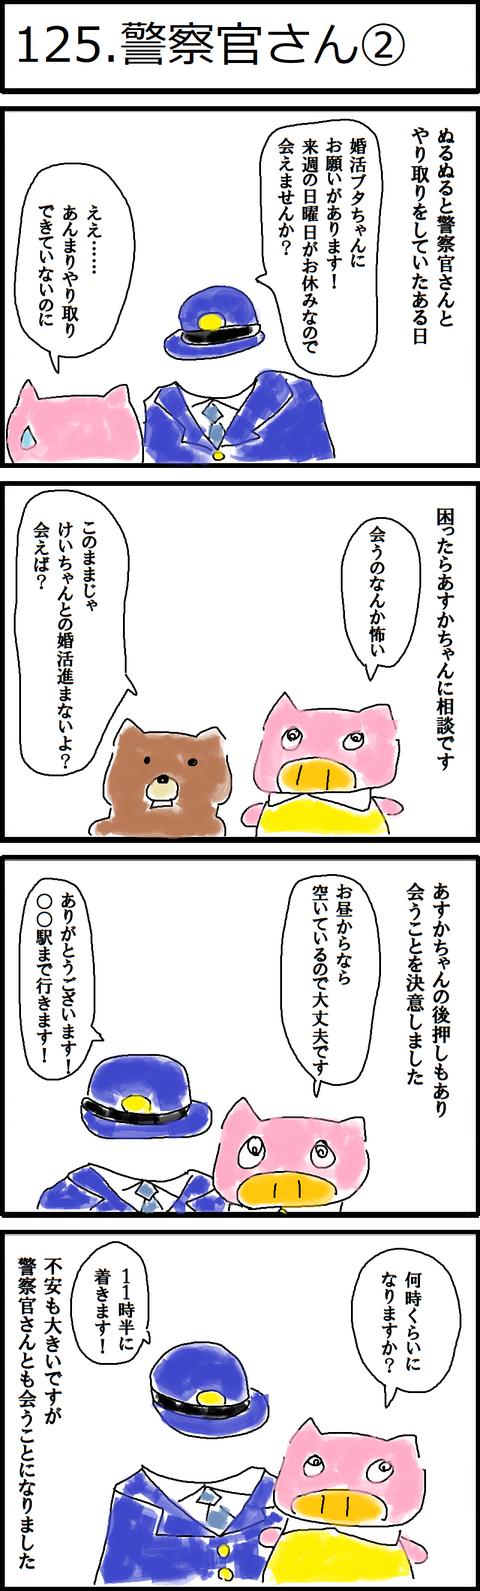 125.警察官さん②